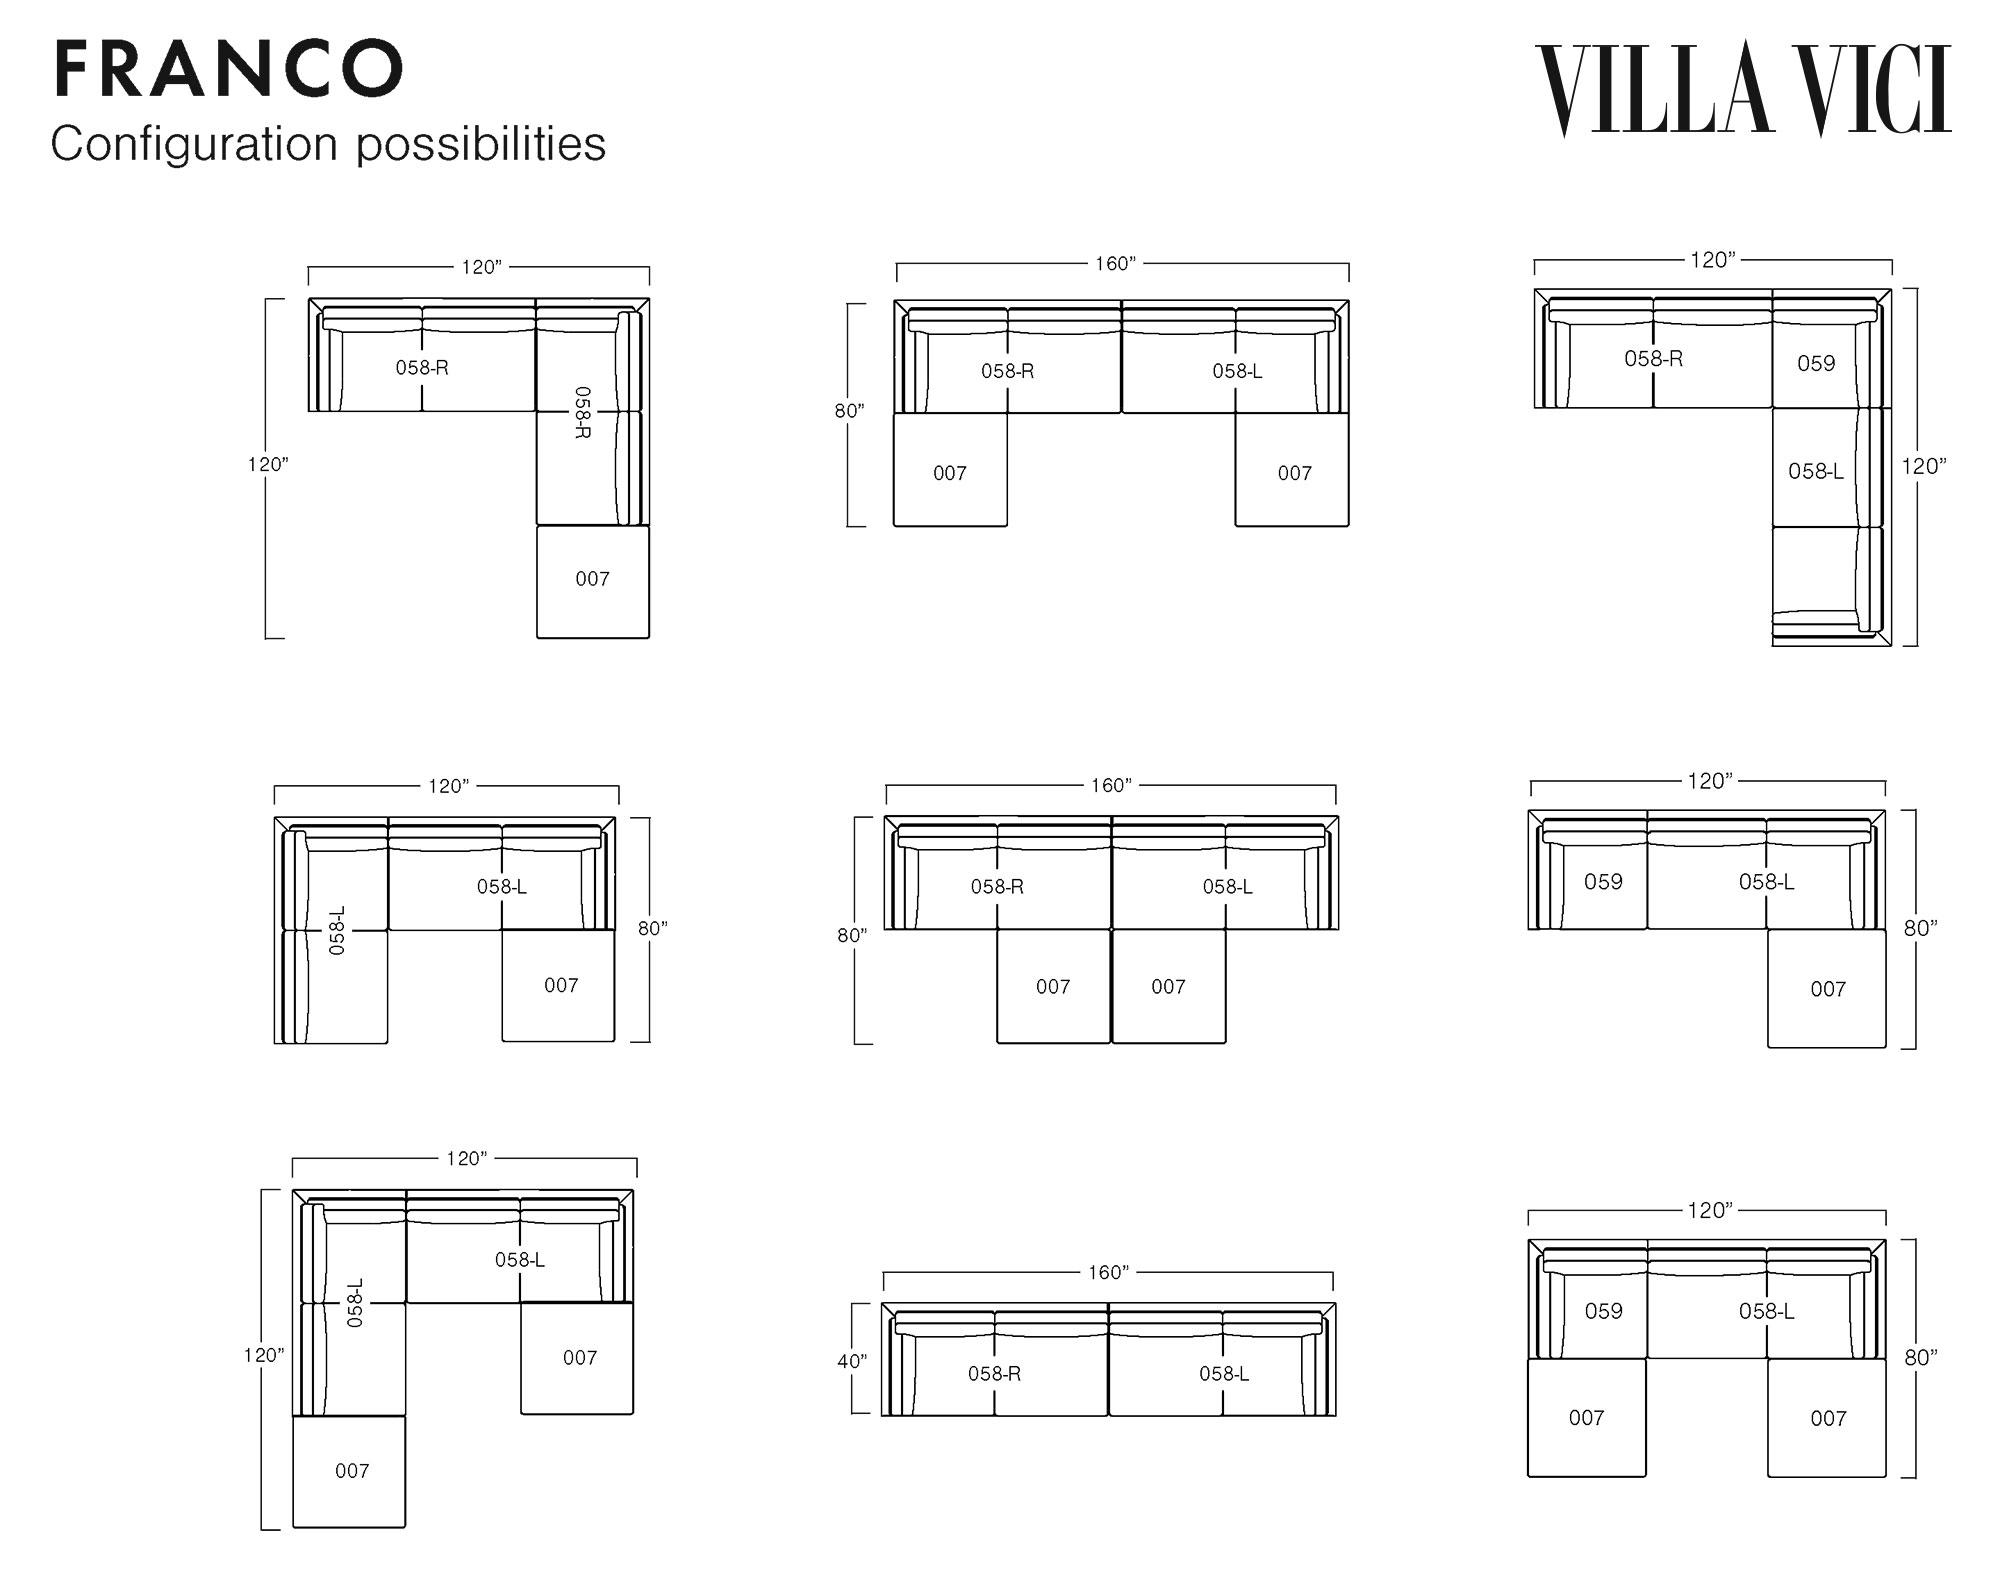 Franco_configurations_2019